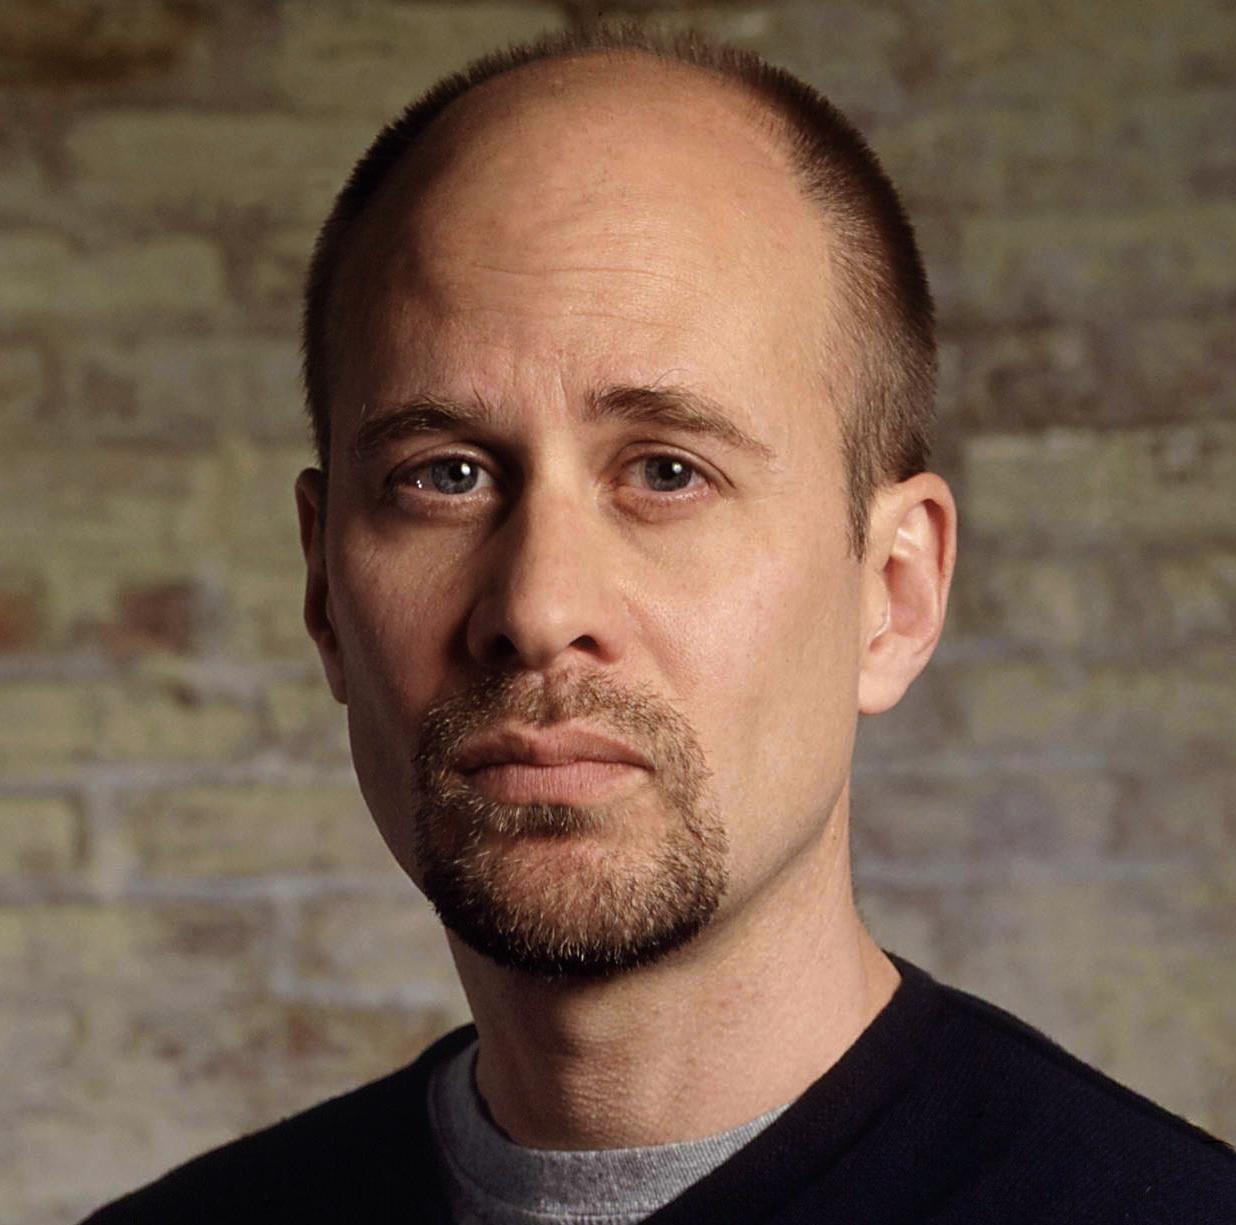 Terry Kinney | The Mentalist Wiki | FANDOM powered by Wikia